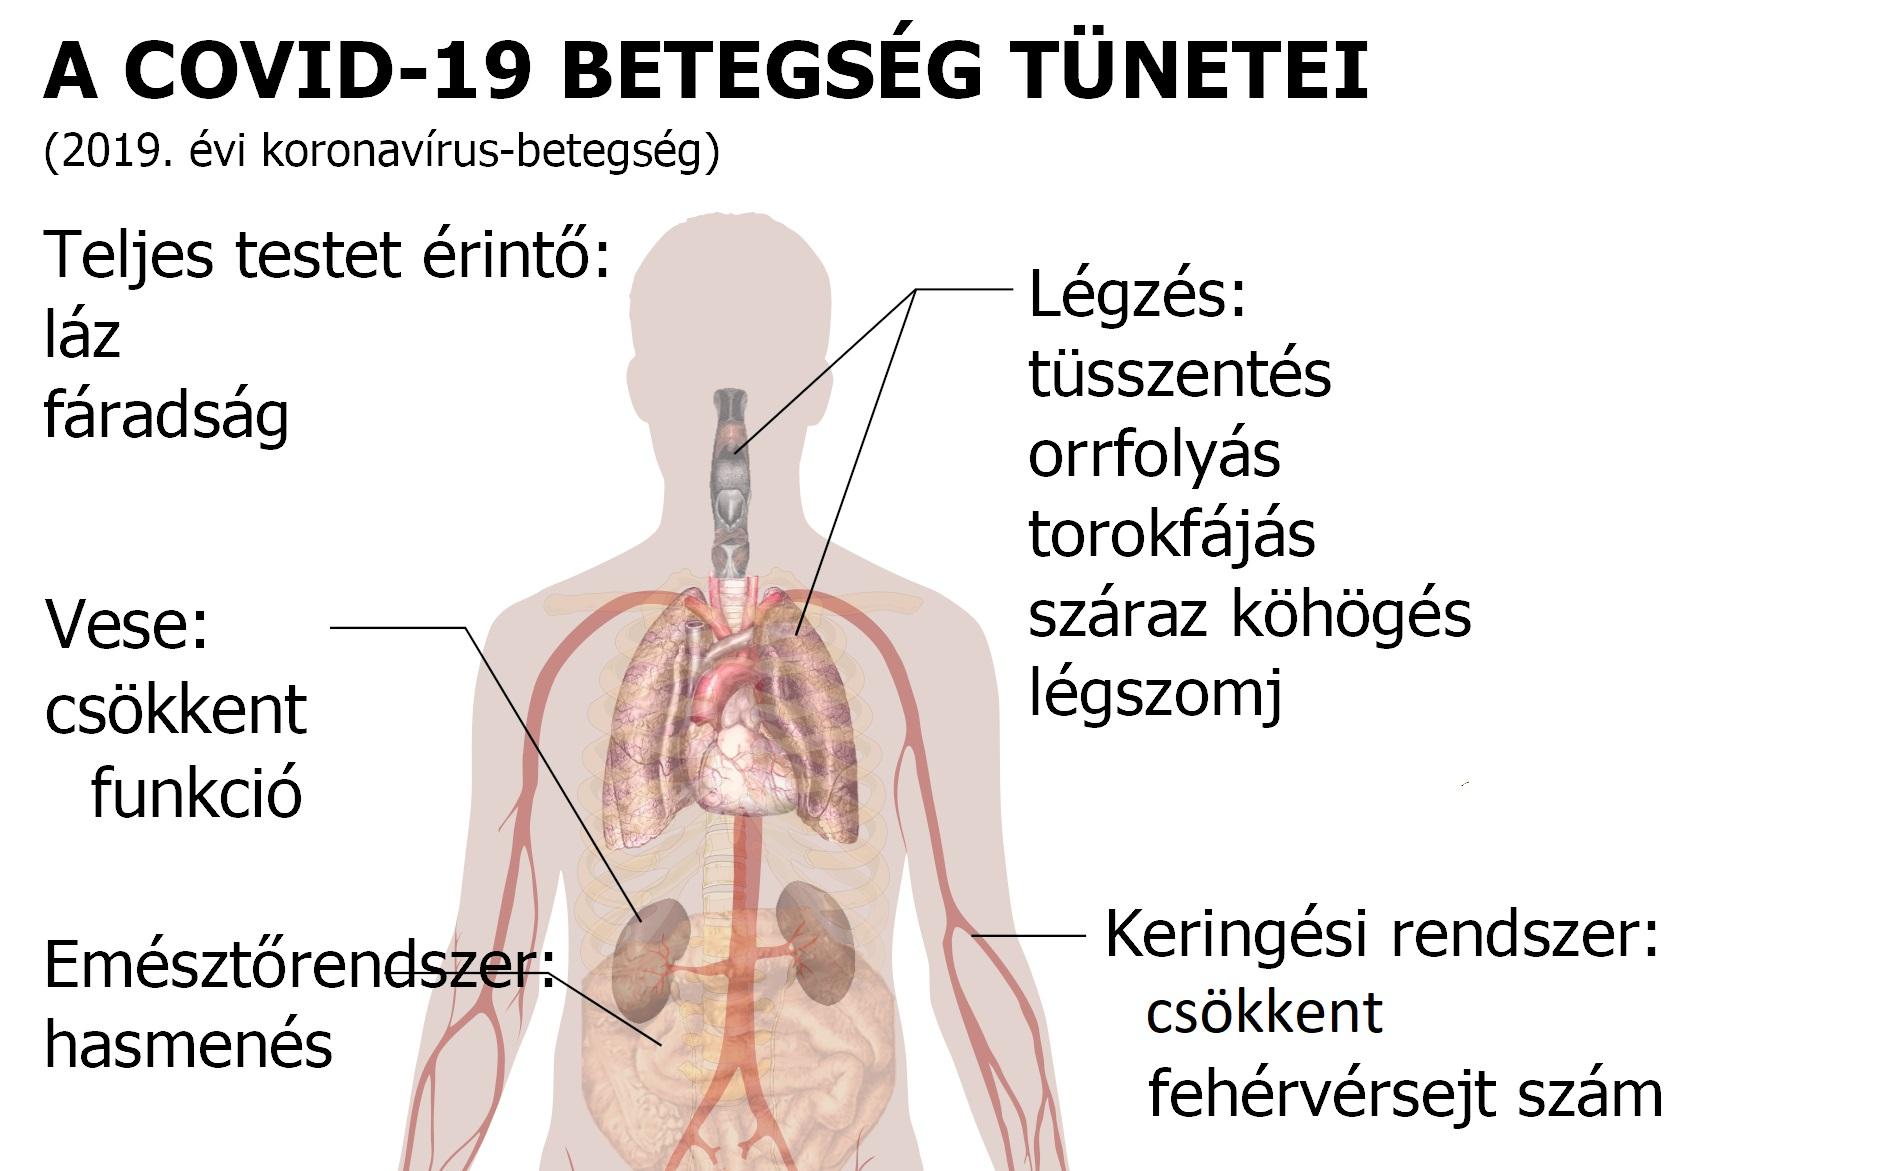 a cukorbetegség és a magas vérnyomás hagyományos kezelése